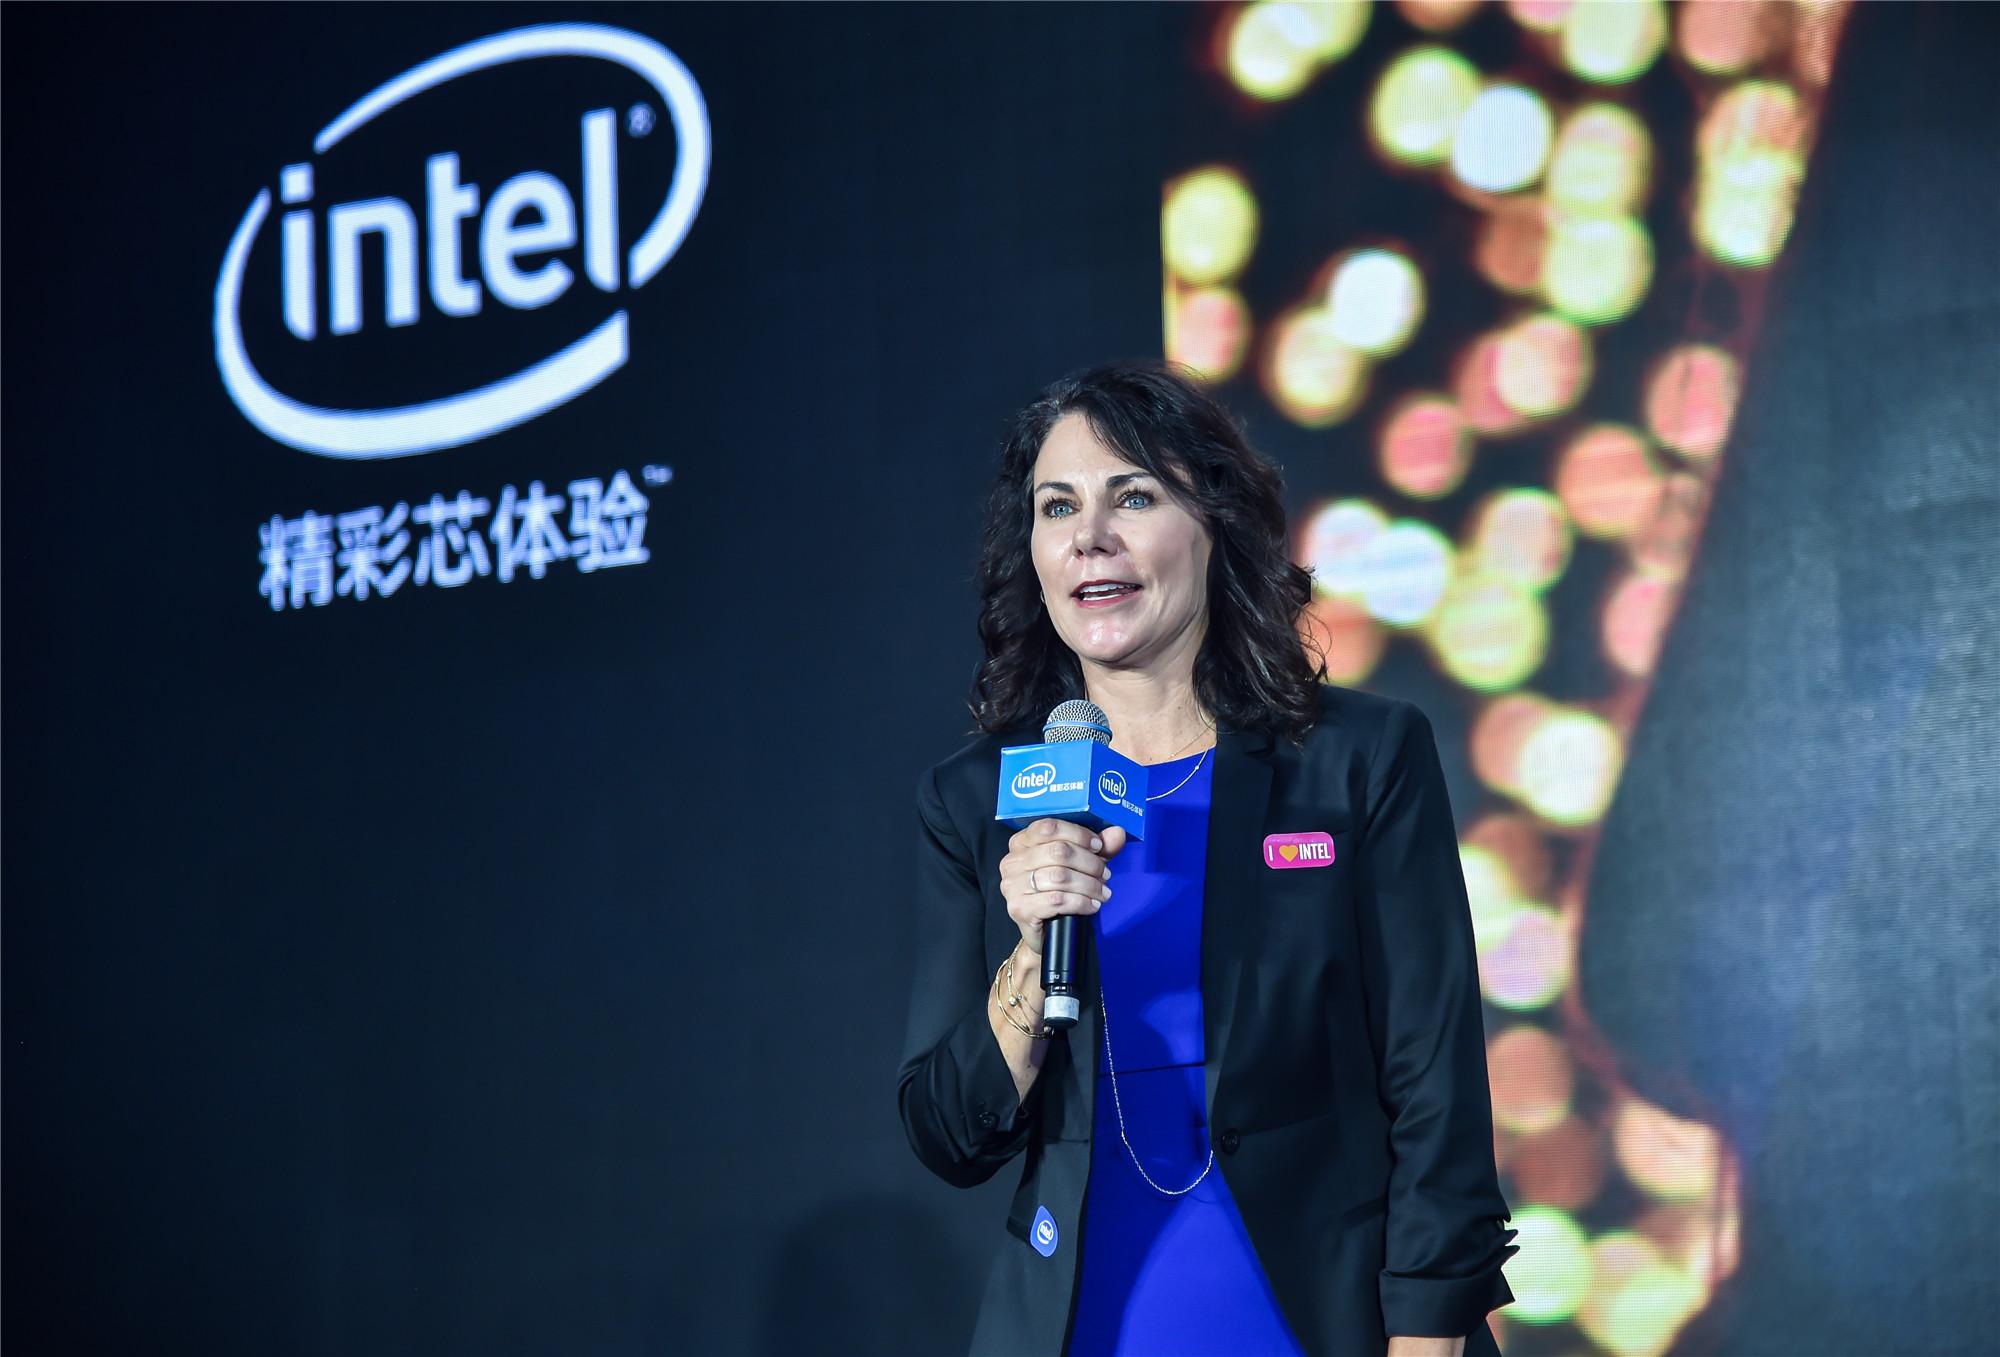 """当李宇春的新MV用上了英特尔AI,""""Intel inside""""也有了新内涵"""